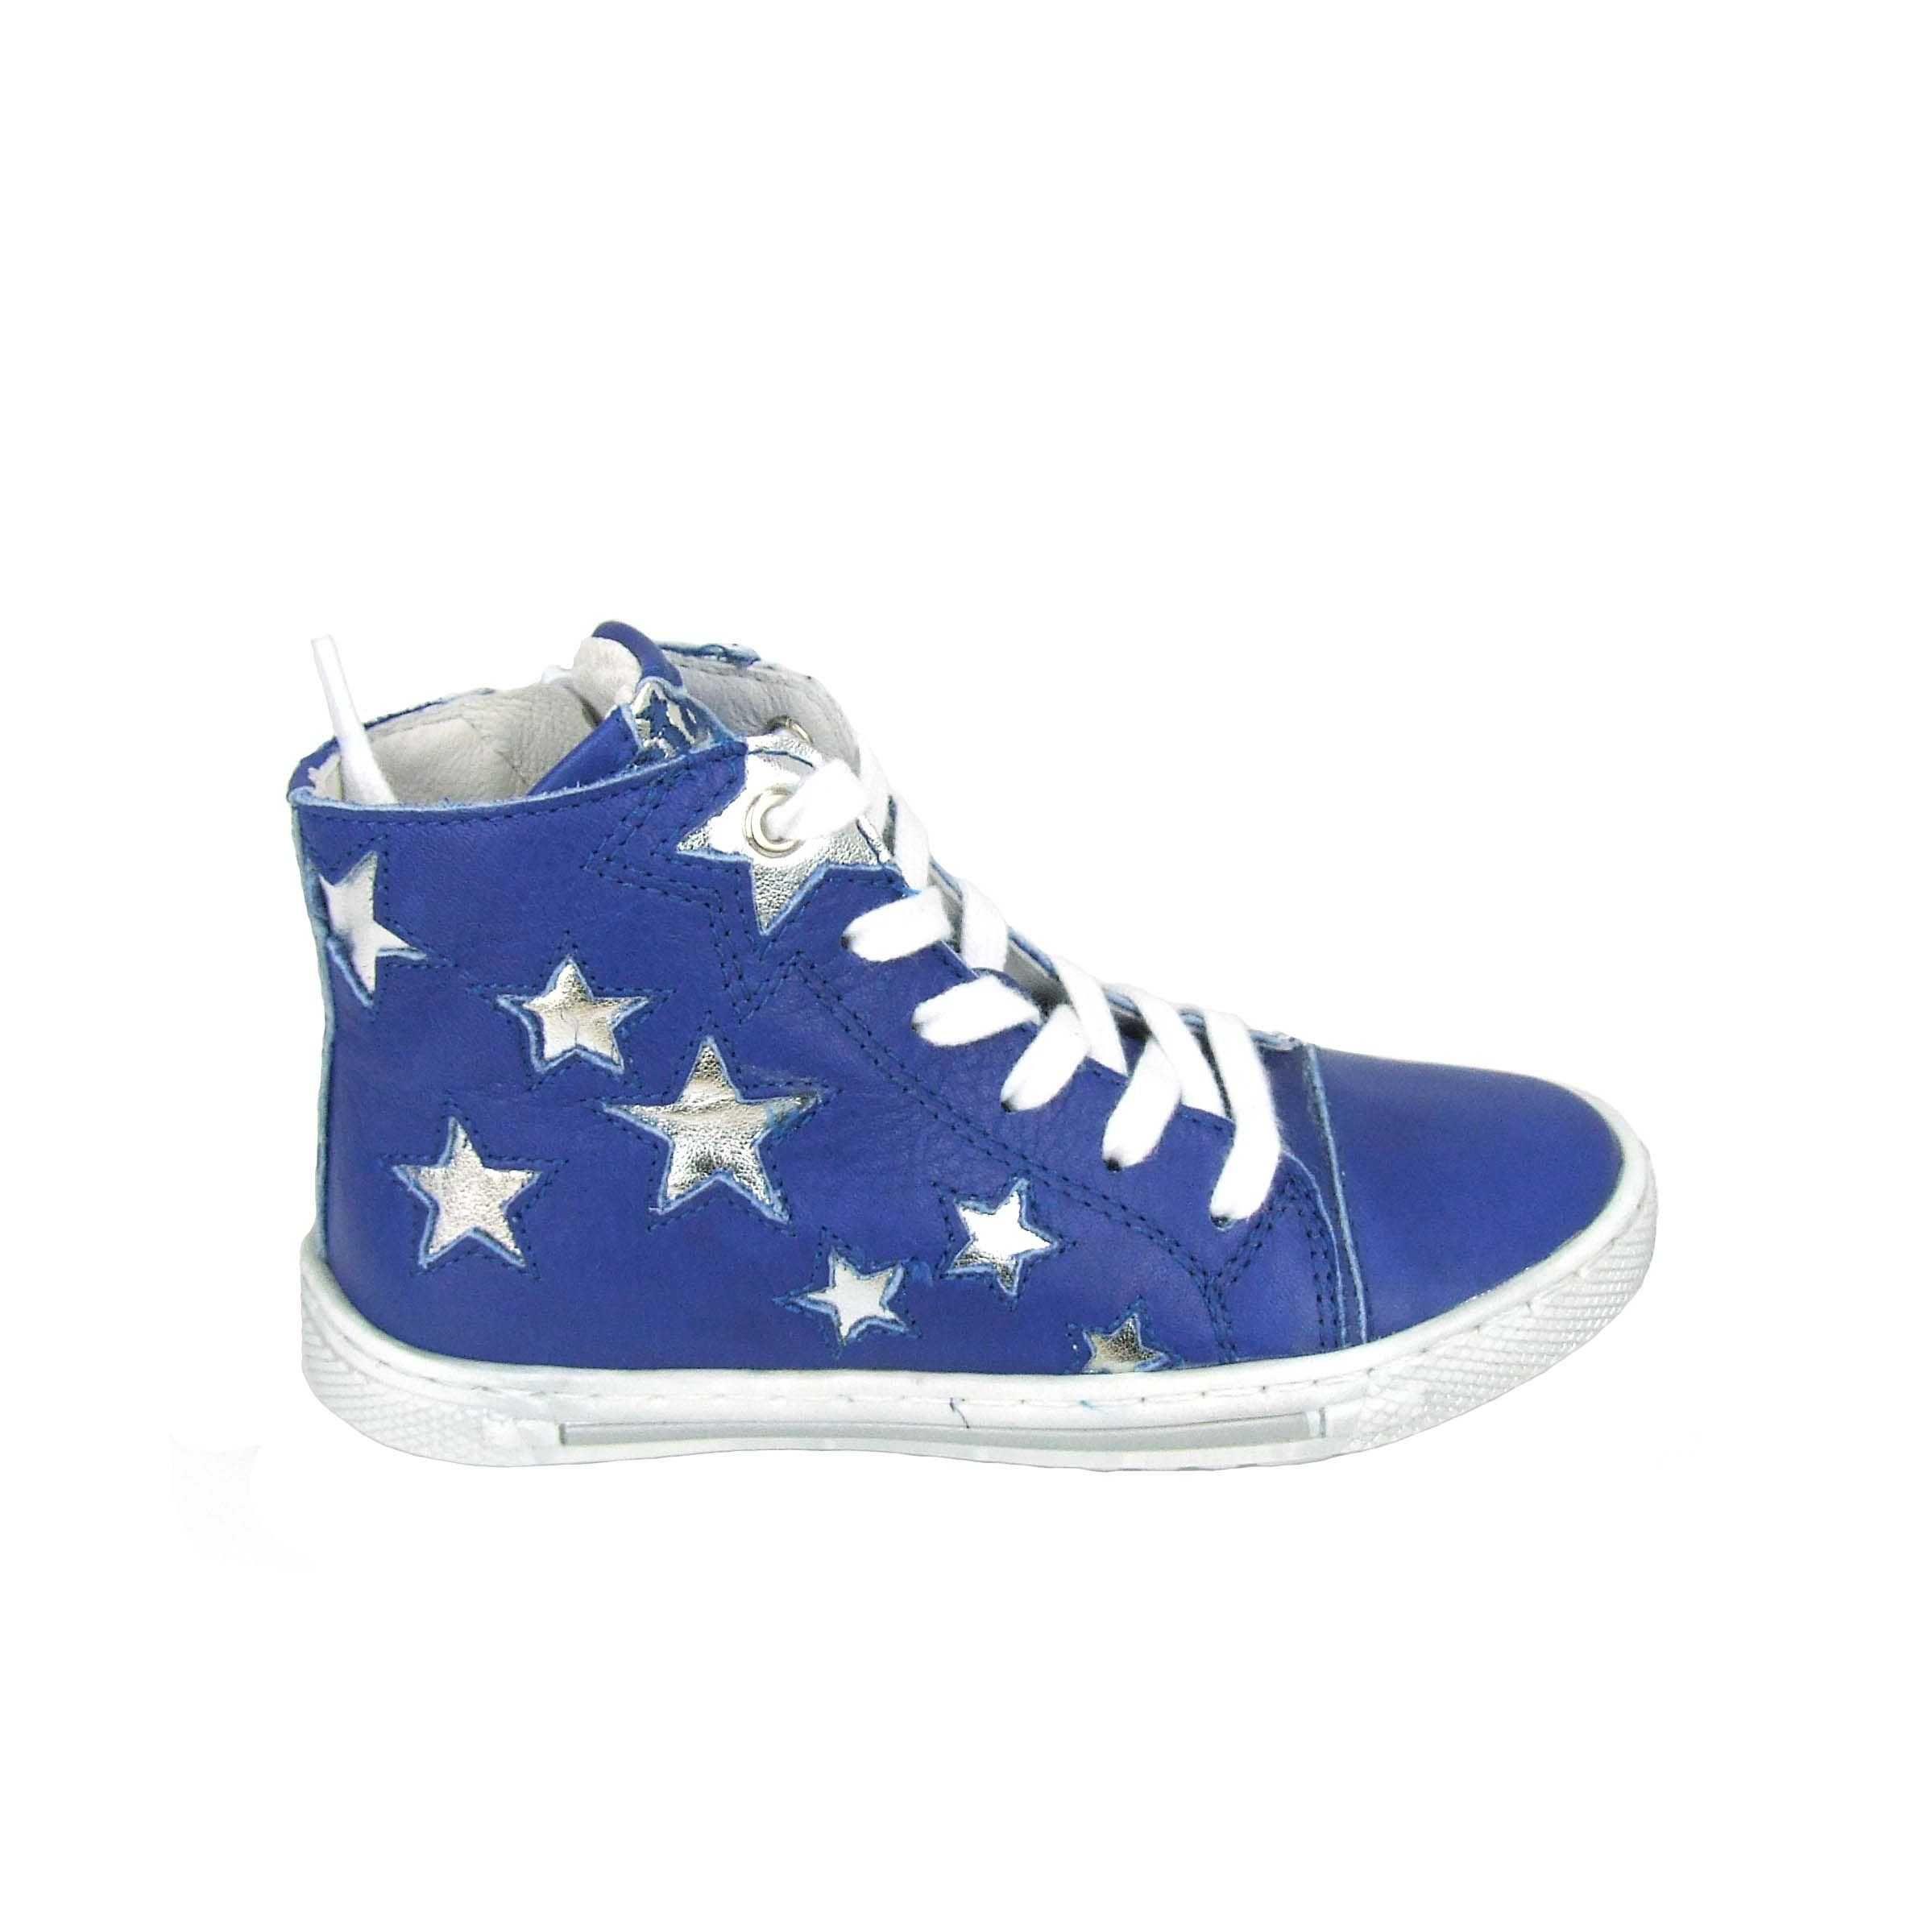 Brakkies Kinderschoenen.You Feel Like A Star Geweldig Leuke Meiden Sneakers 3894 Van Giga